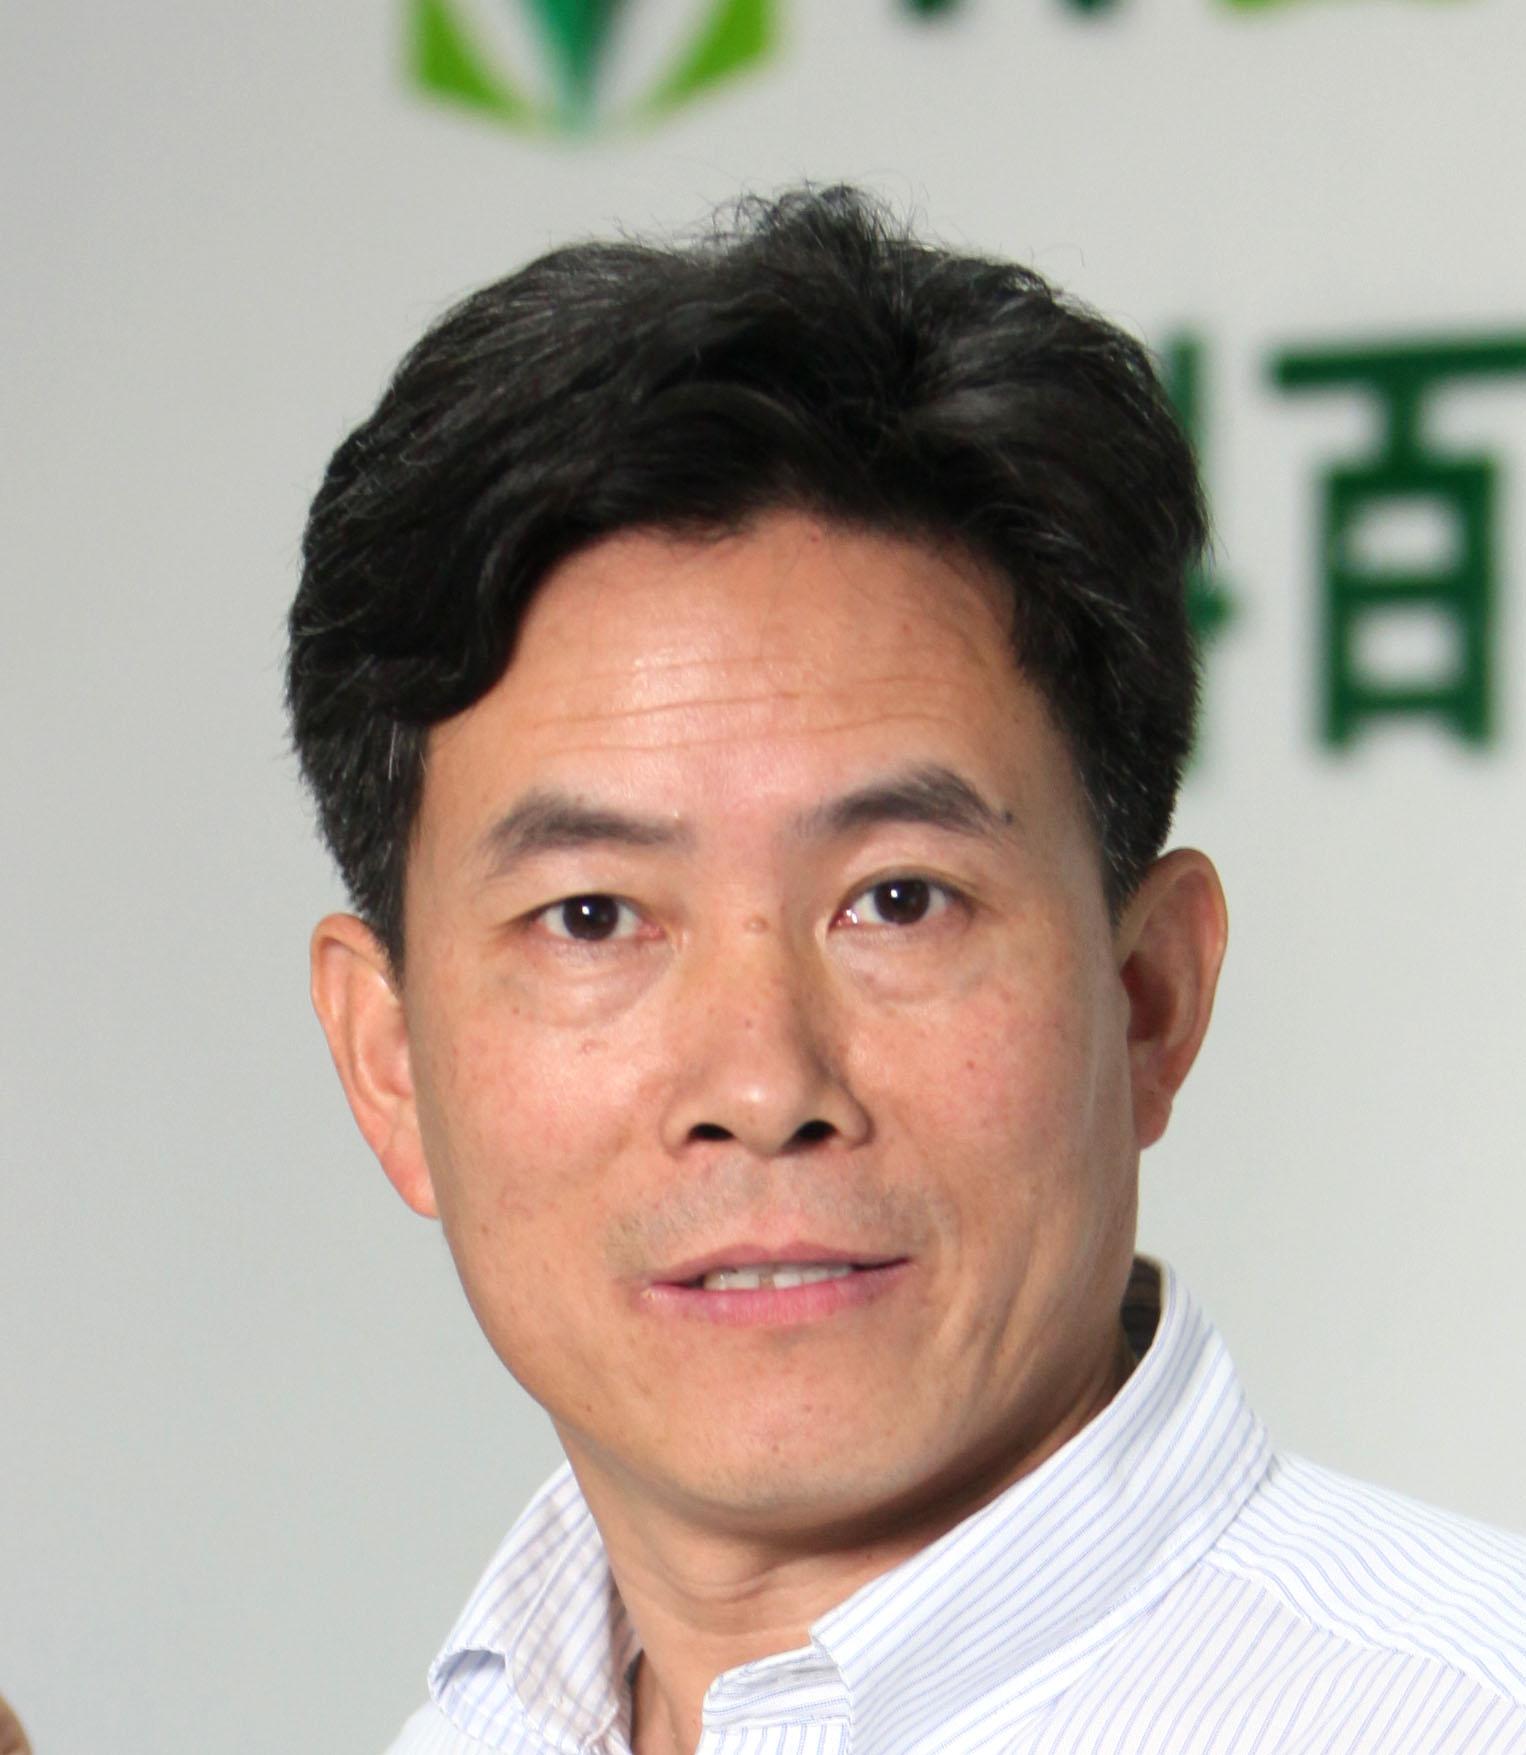 刘宗波/科百宏业(2014)